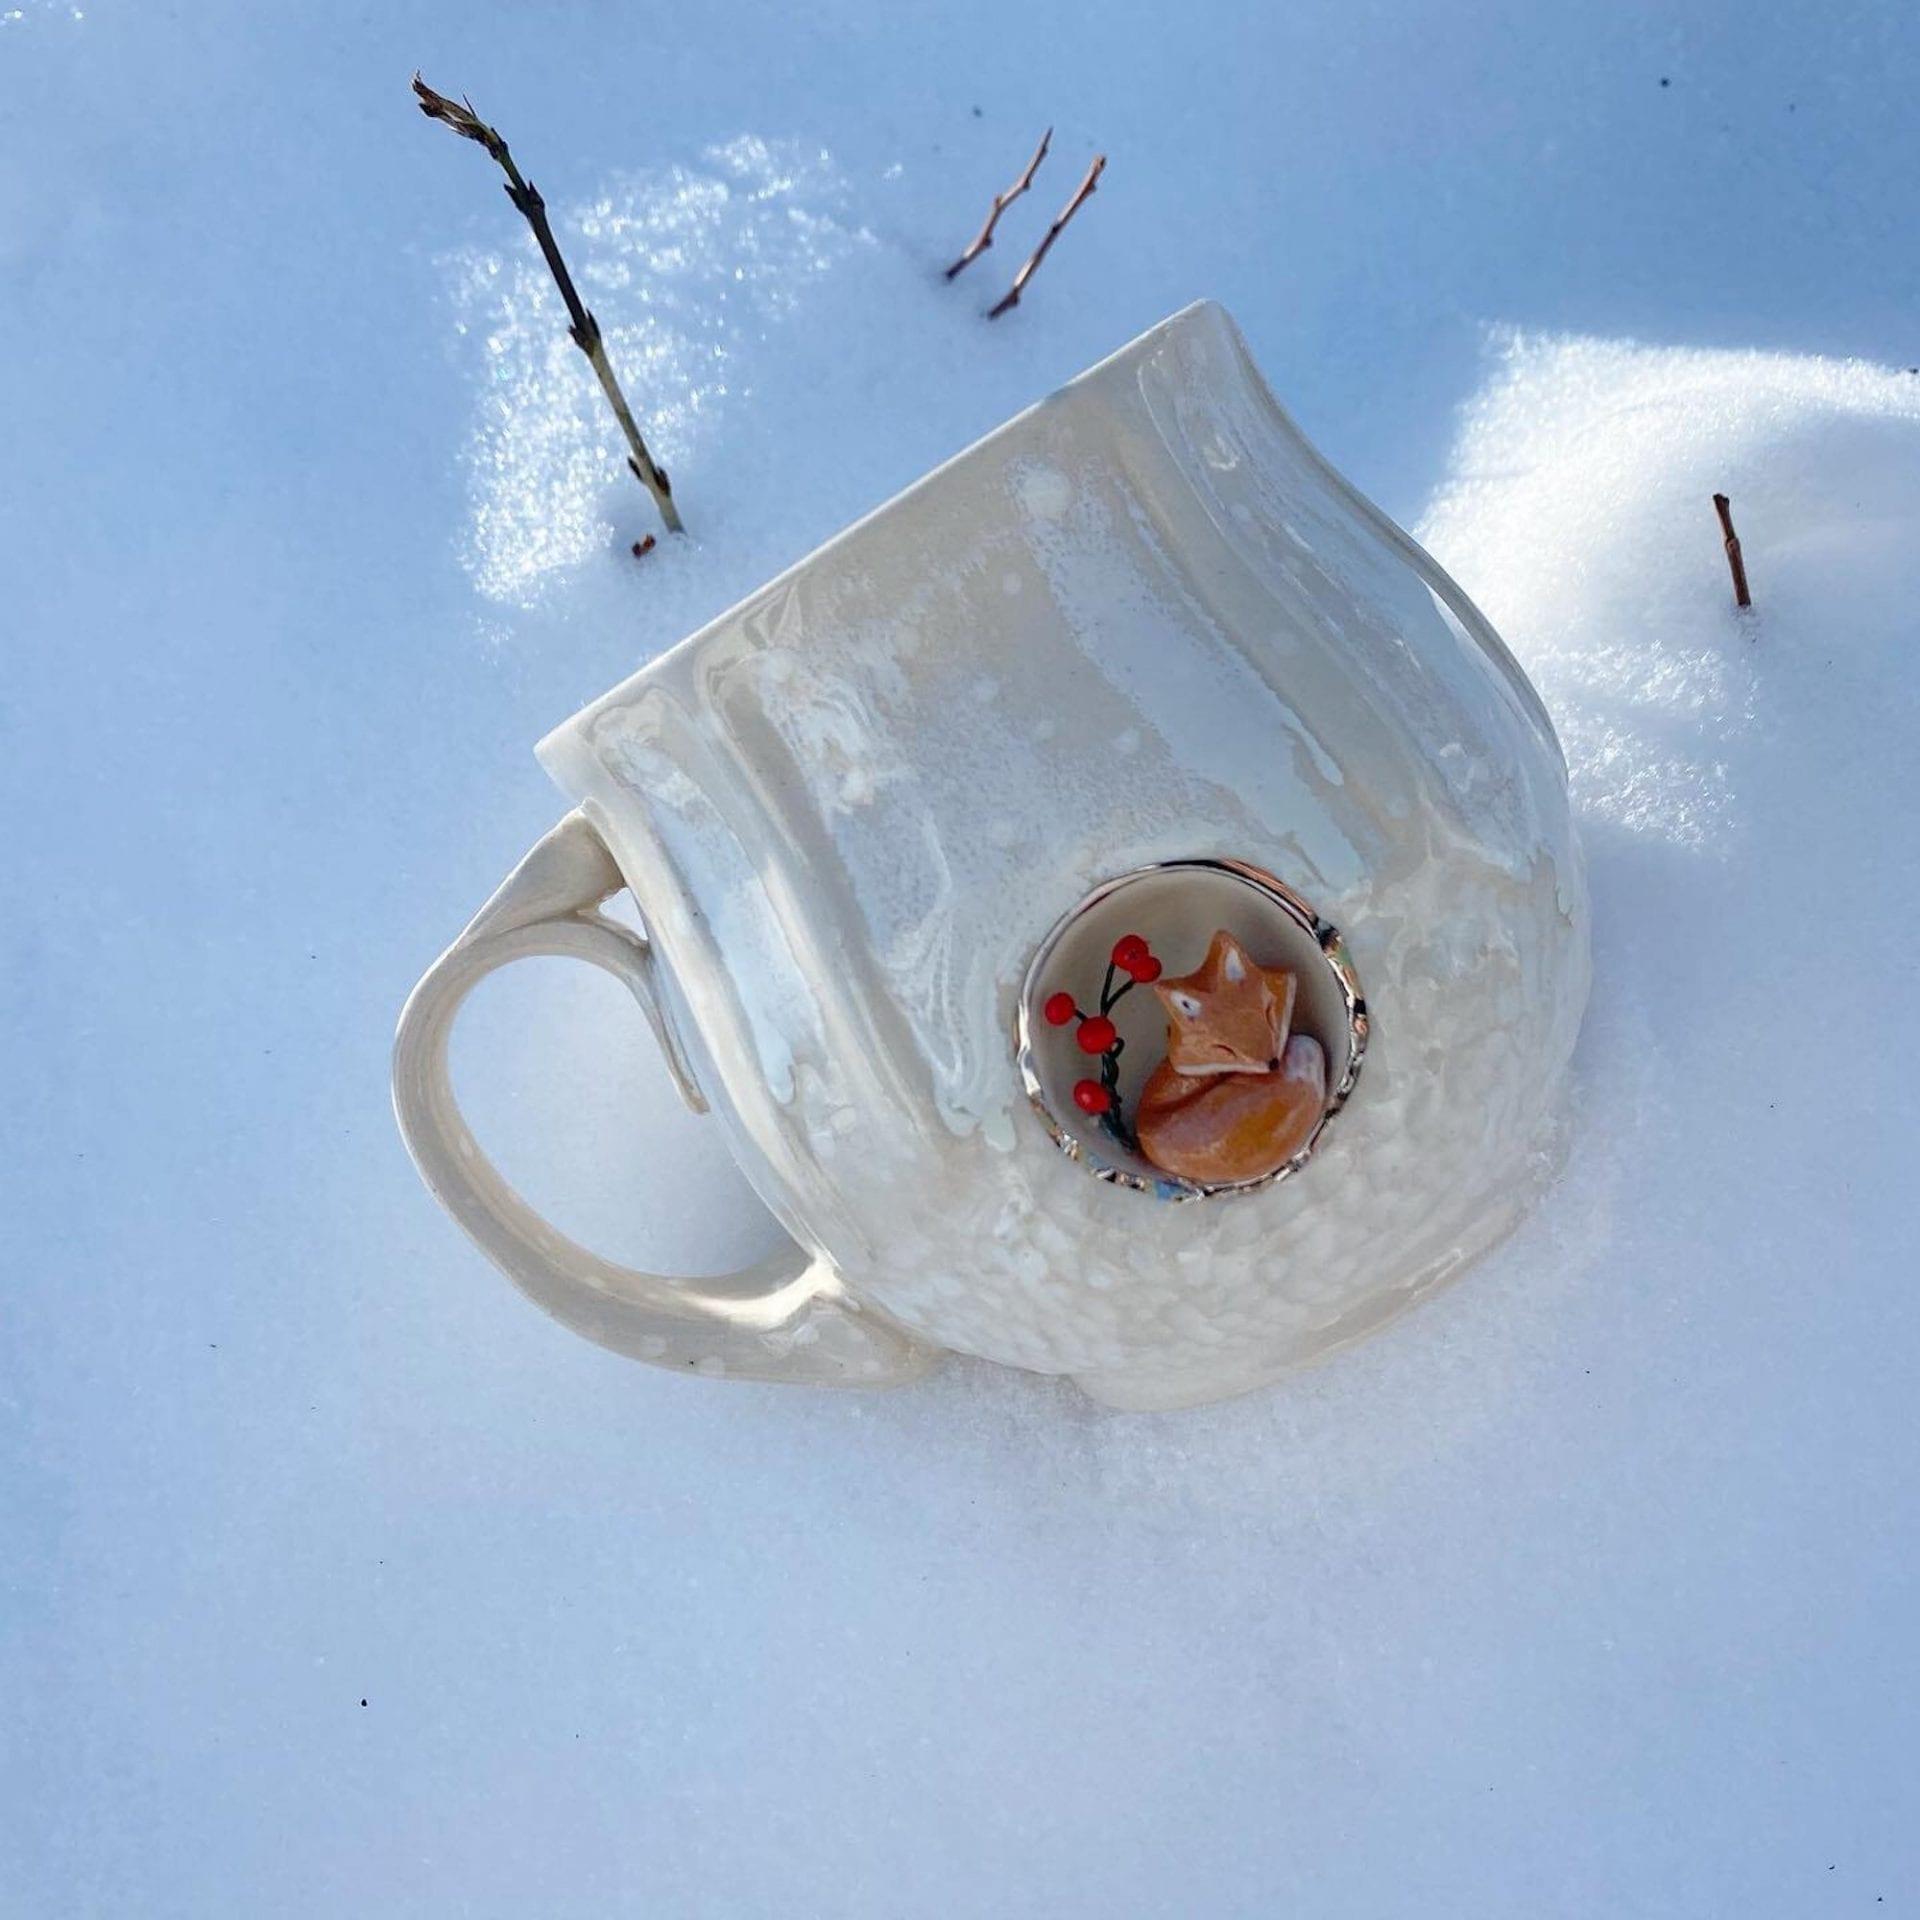 Les tasses d'AP Curiosities dévoilent des médaillons dans lesquels s'abritent des animaux